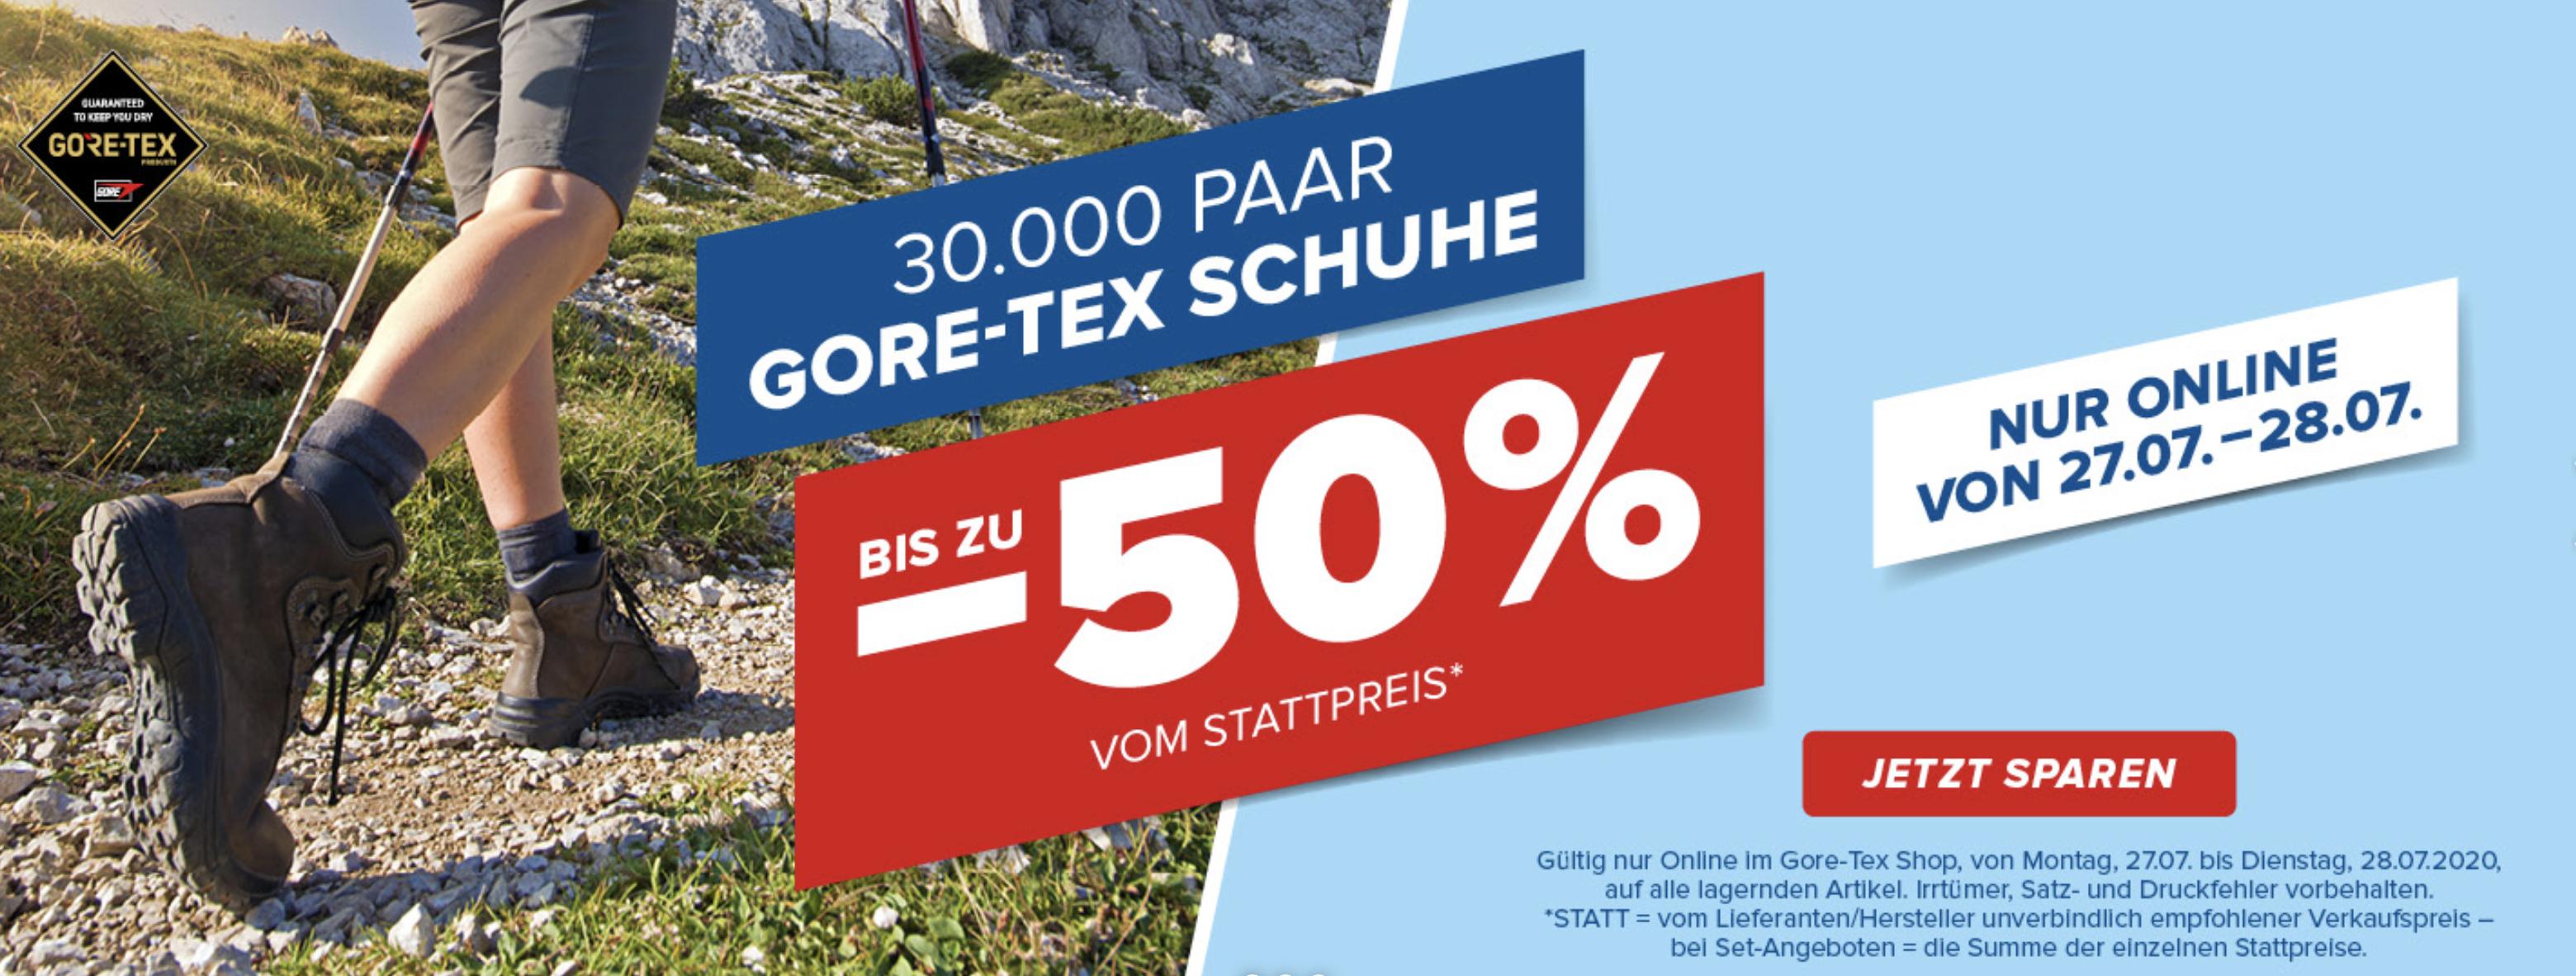 Hervis: Bis zu 50% Rabatt auf über 30.000 Gore Tex Schuhe + 10€ NL-Gutschein